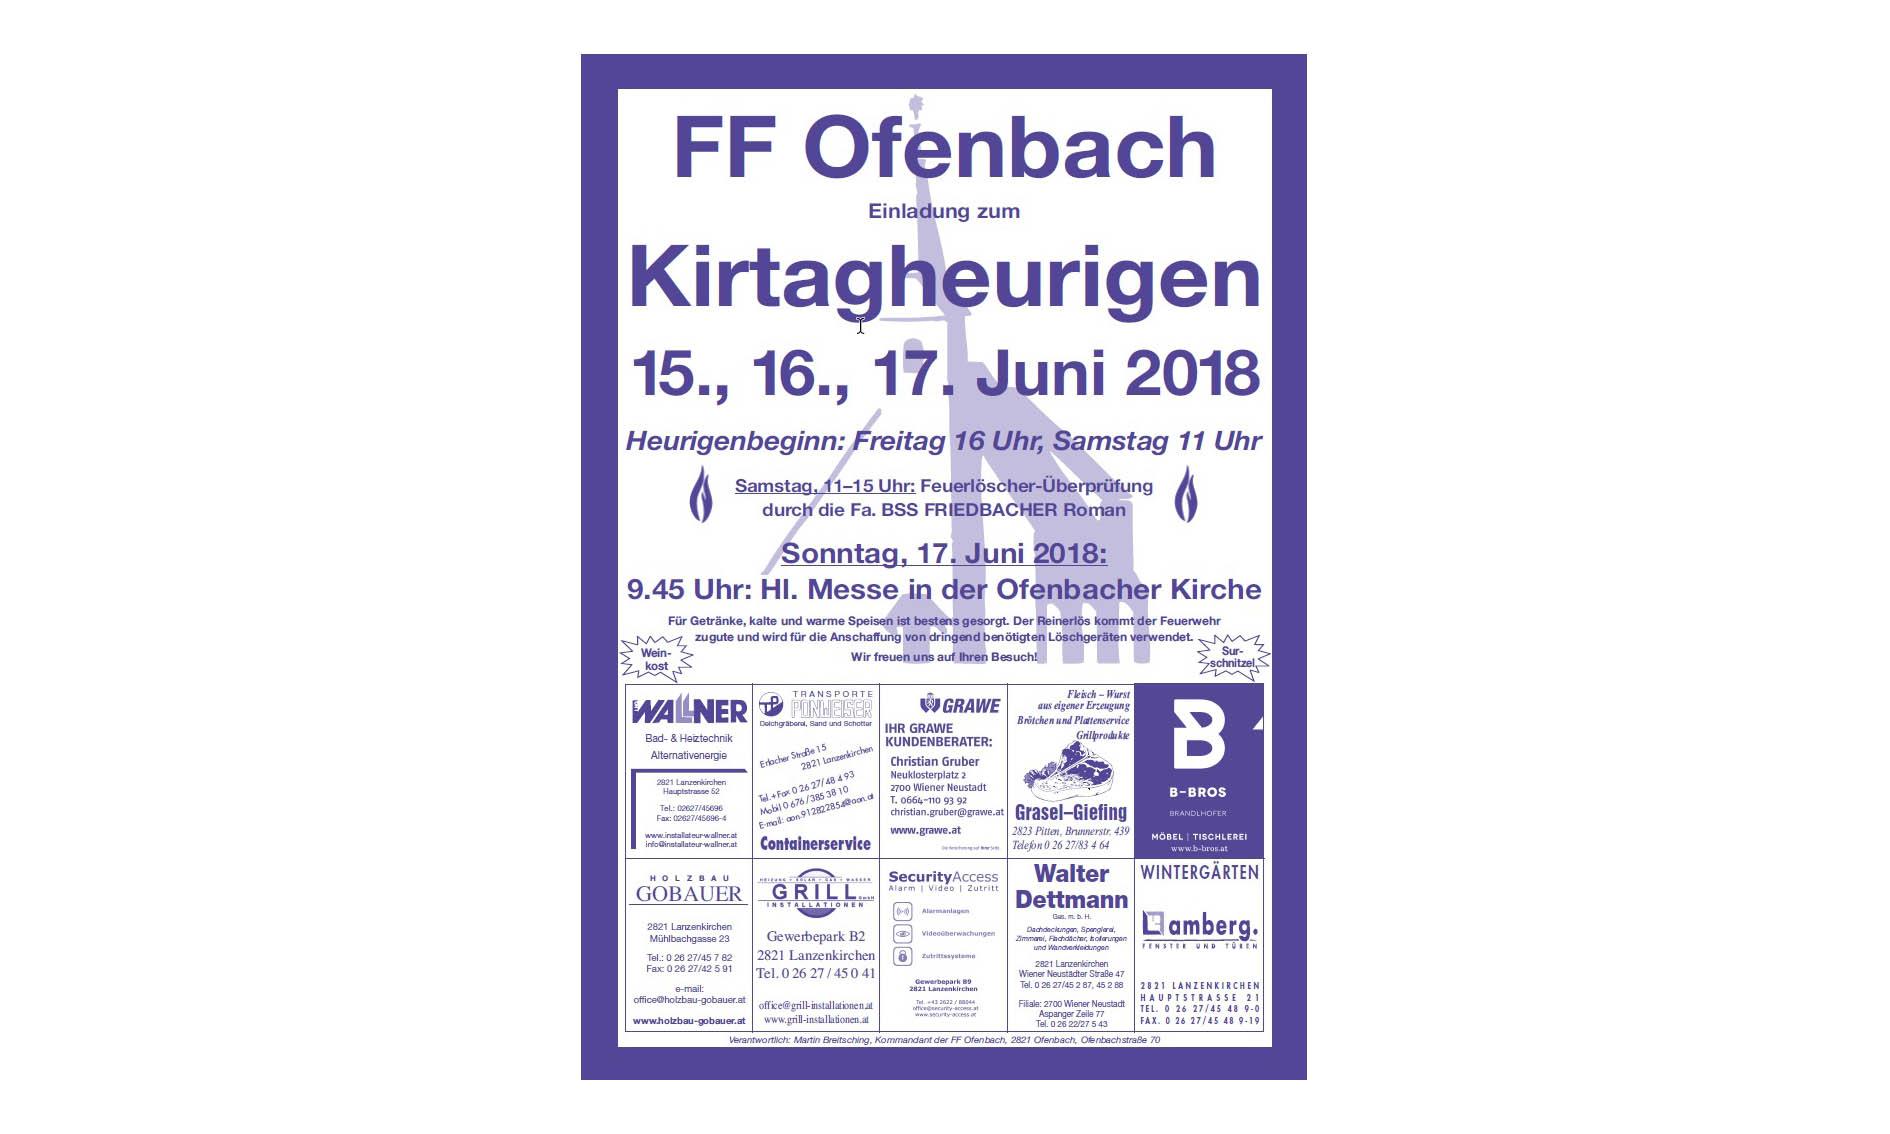 Kirtagheurigen der FF Ofenbach